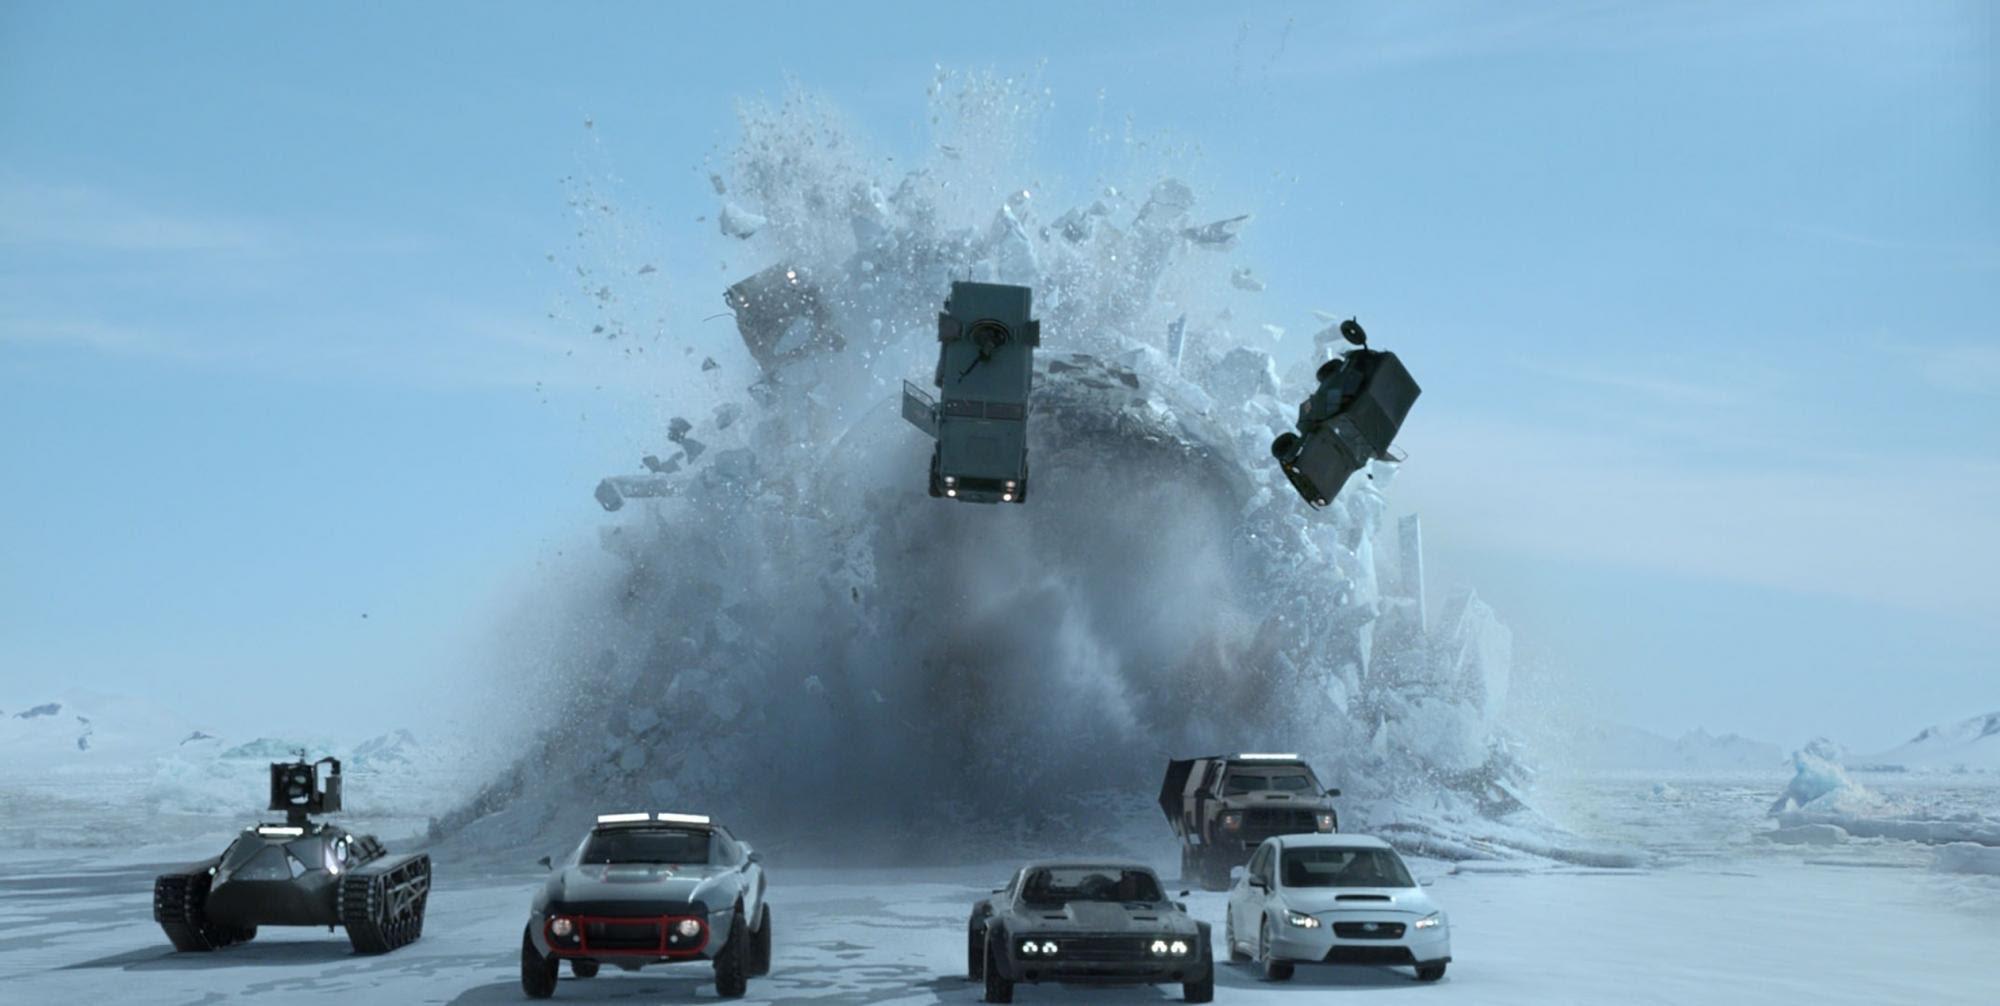 The Fate Of The Furious Cars Velozes E Furiosos Fotografia